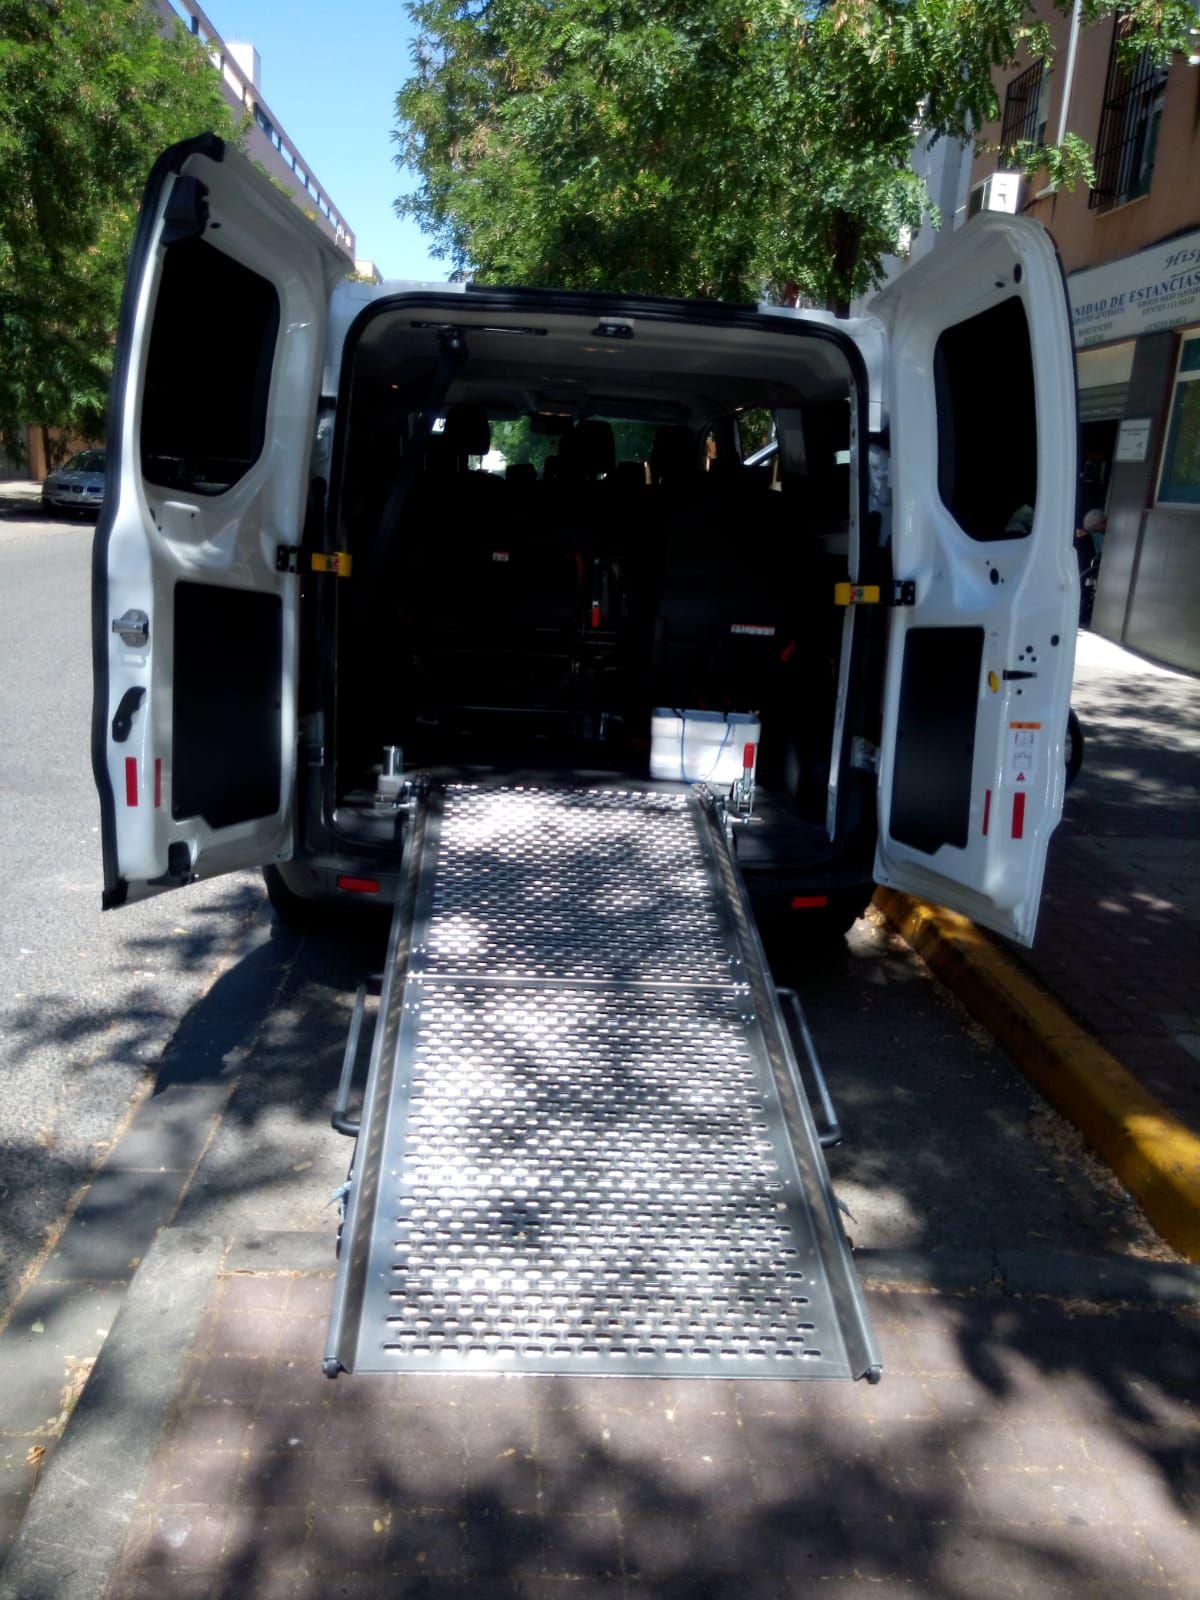 Vehículos adaptados para transporte de personas mayores